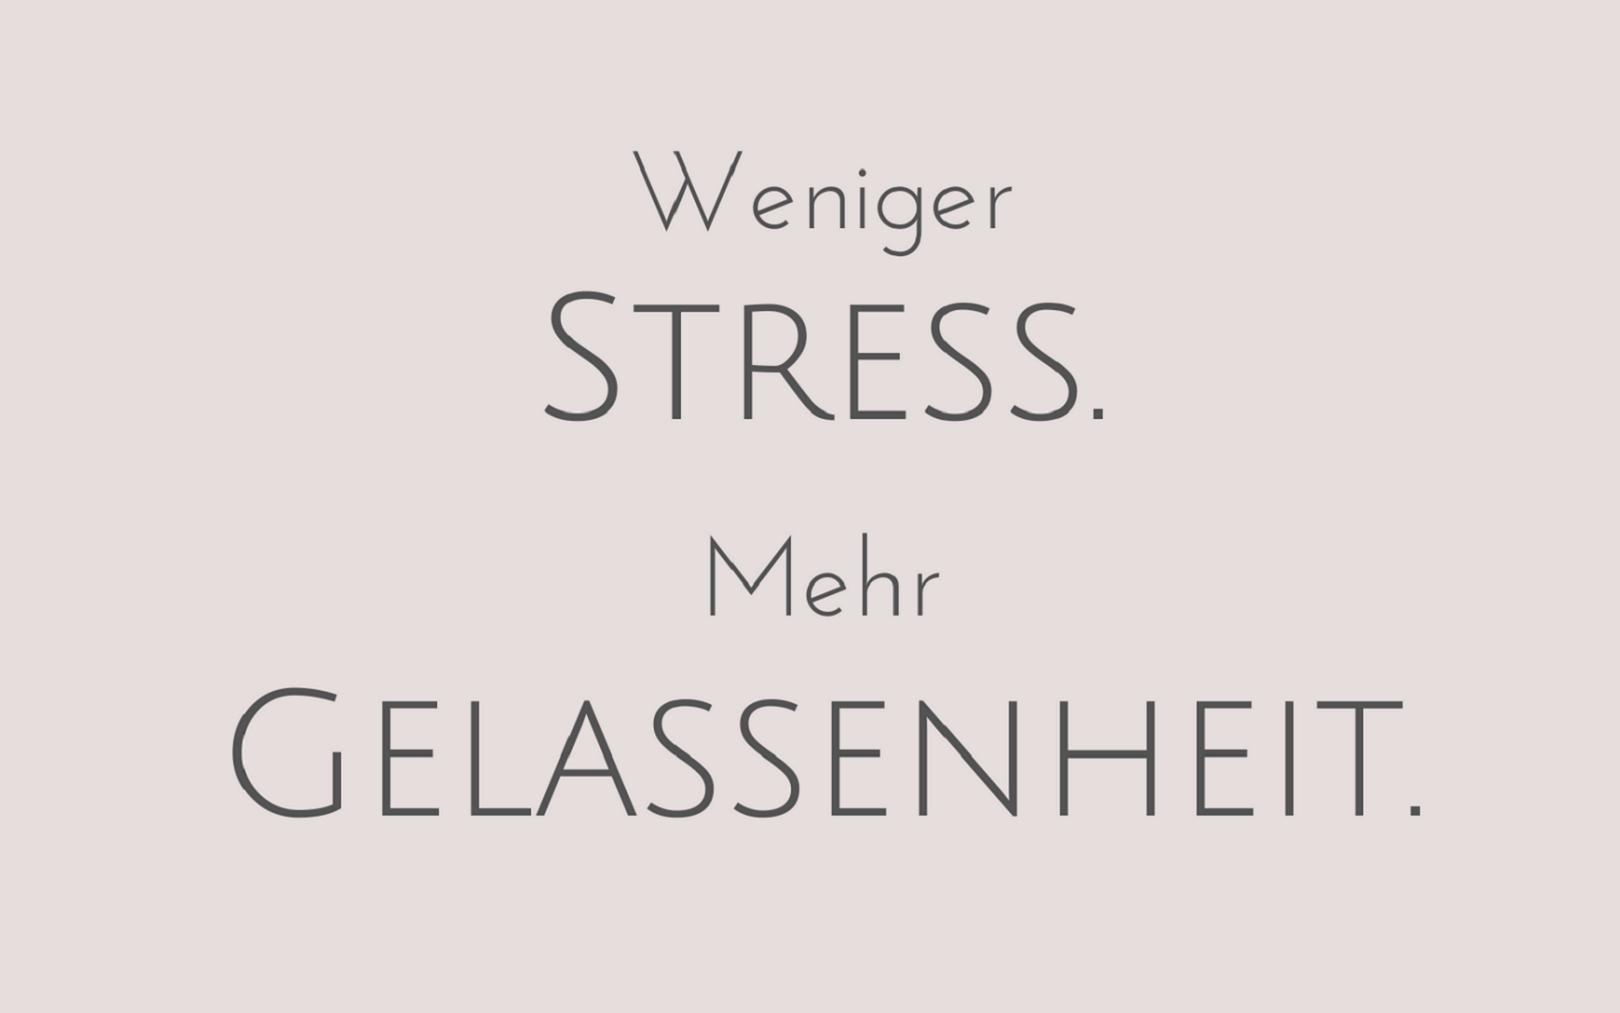 Weniger Stress. Mehr Gelassenheit